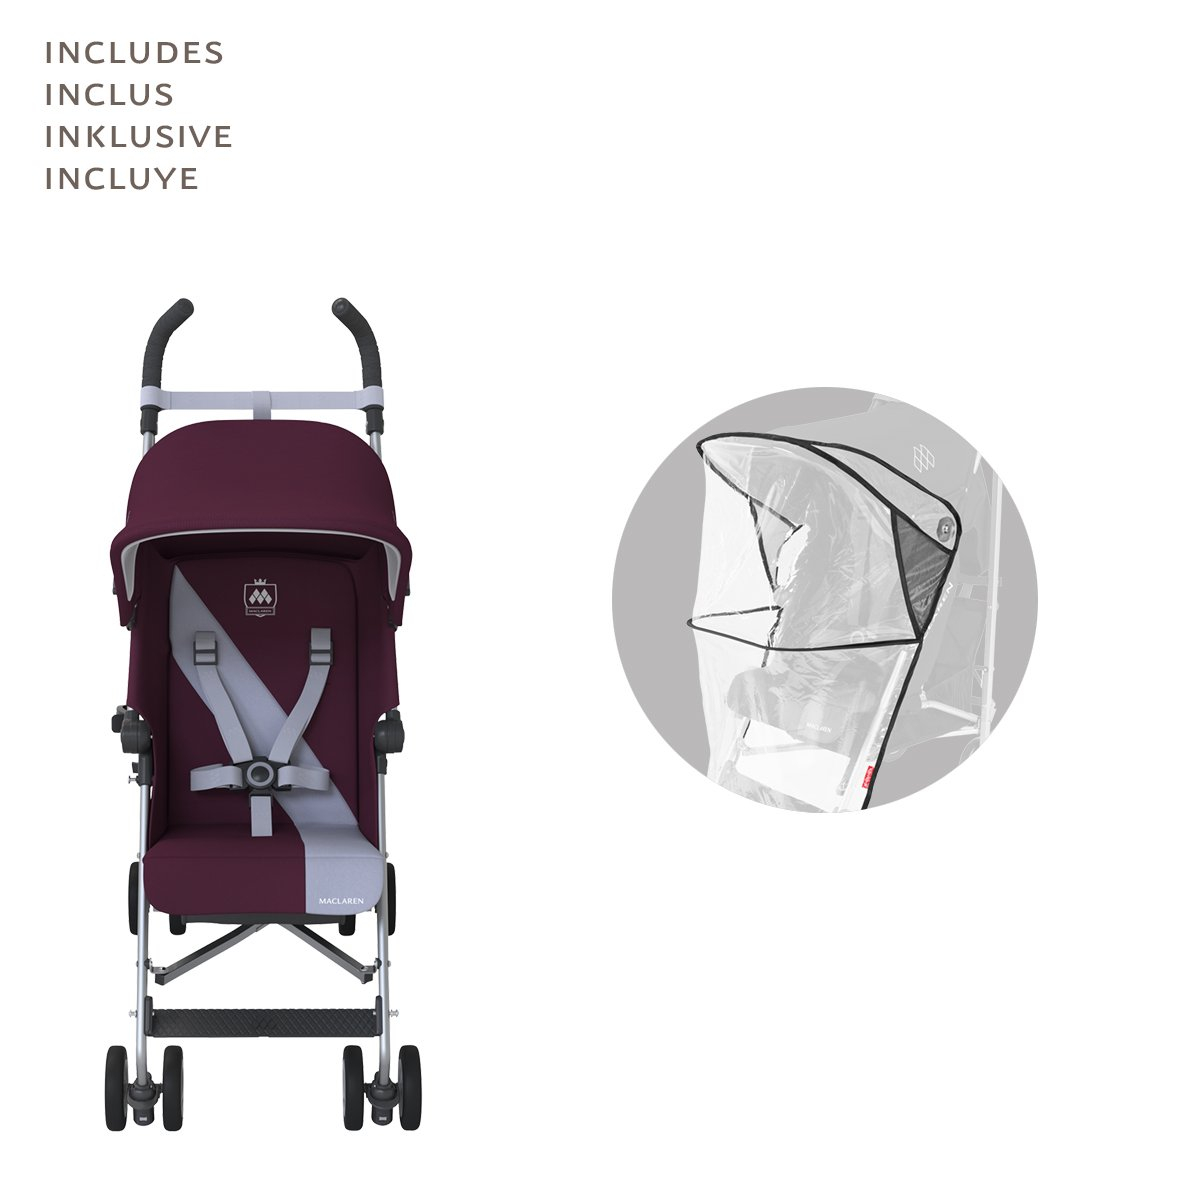 Amazon.com: Maclaren wm1y030062 Triumph, ciruela/Grey Dawn: Baby